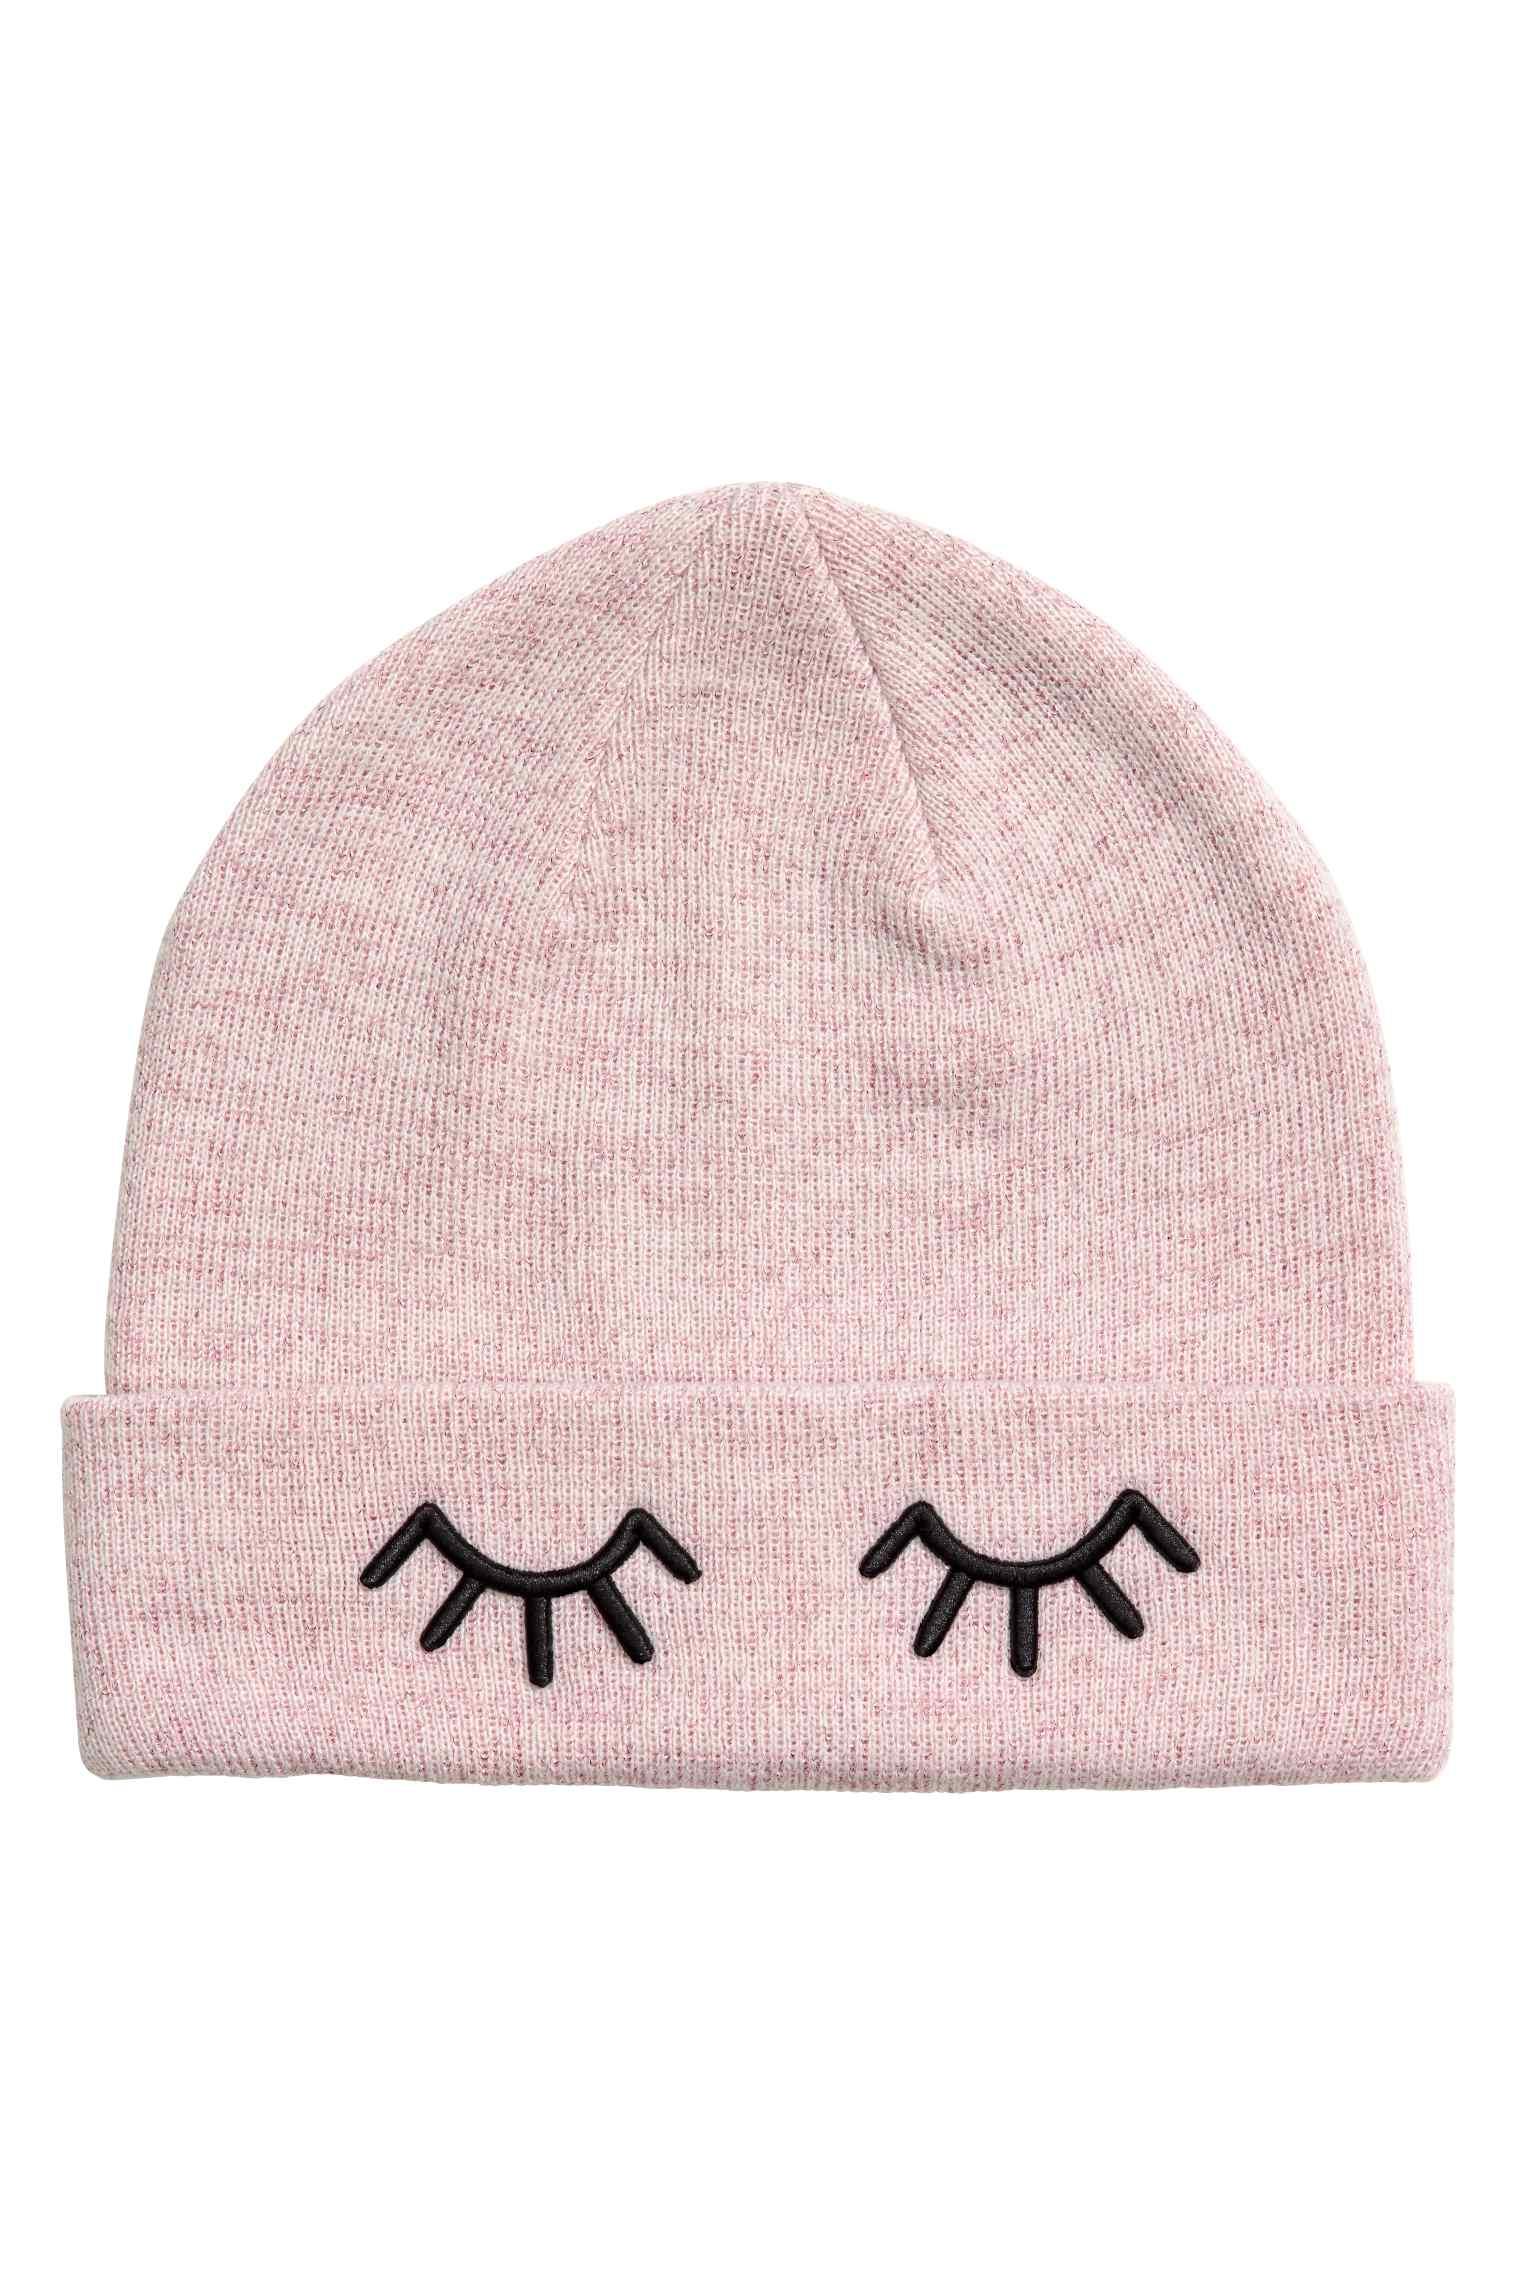 tuque, bonnet, rose, paupières, cils